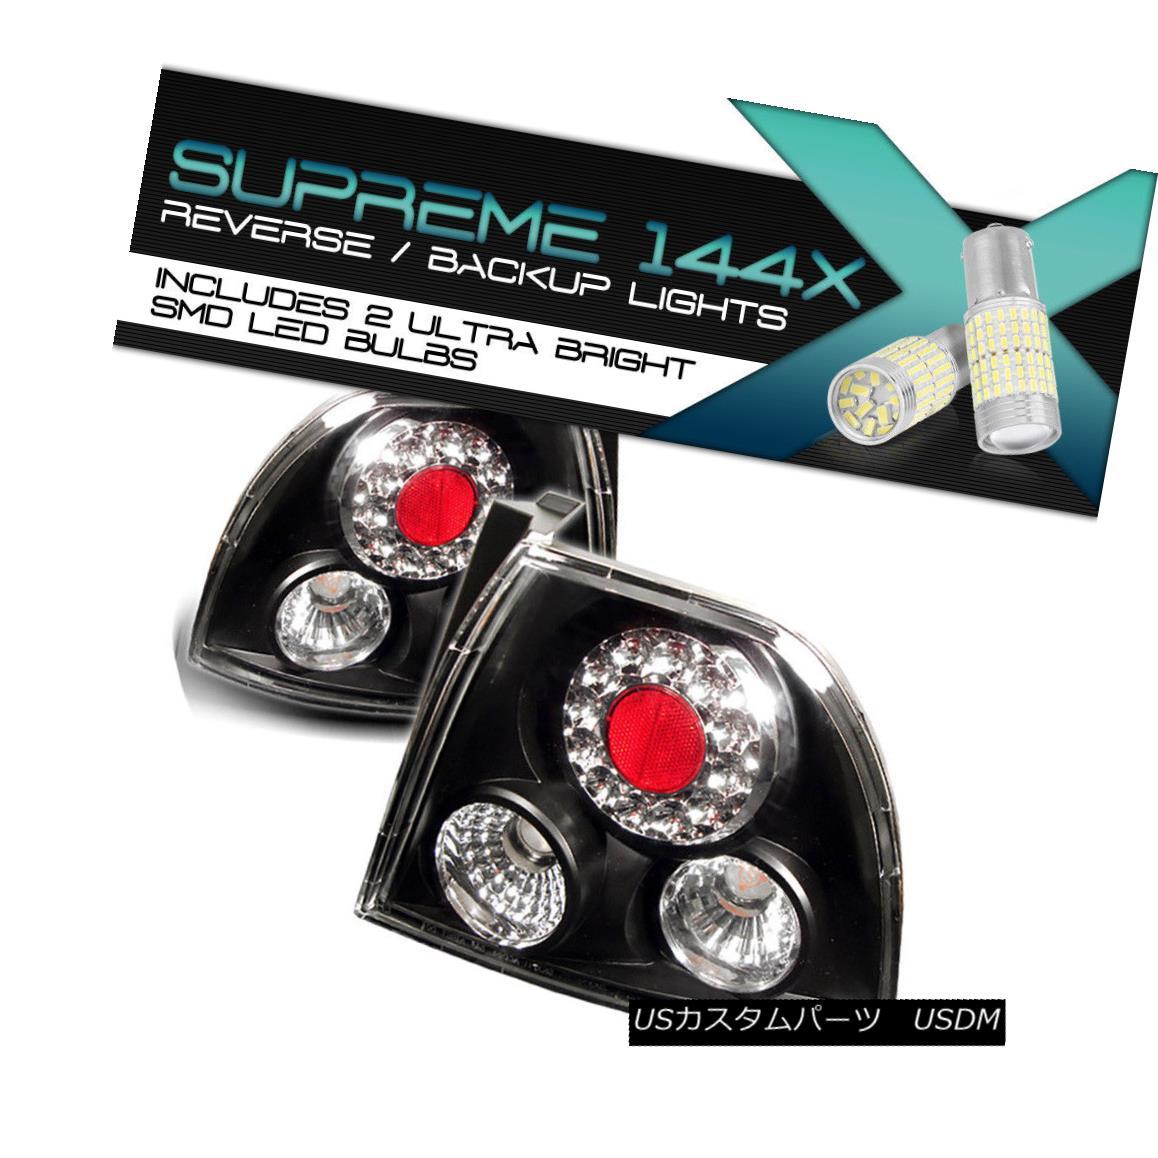 テールライト!360 ホンダ94 Degree SMD Tail VIVID Reverse! Honda 94 95 Accord ^VIVID LED^ Tail Lights Rear Brake 360度SMDリバース! ホンダ94 95アコード^ VIVID LED ^テールライトリアブレーキ, 月ヶ瀬村:31f0a8c5 --- officewill.xsrv.jp